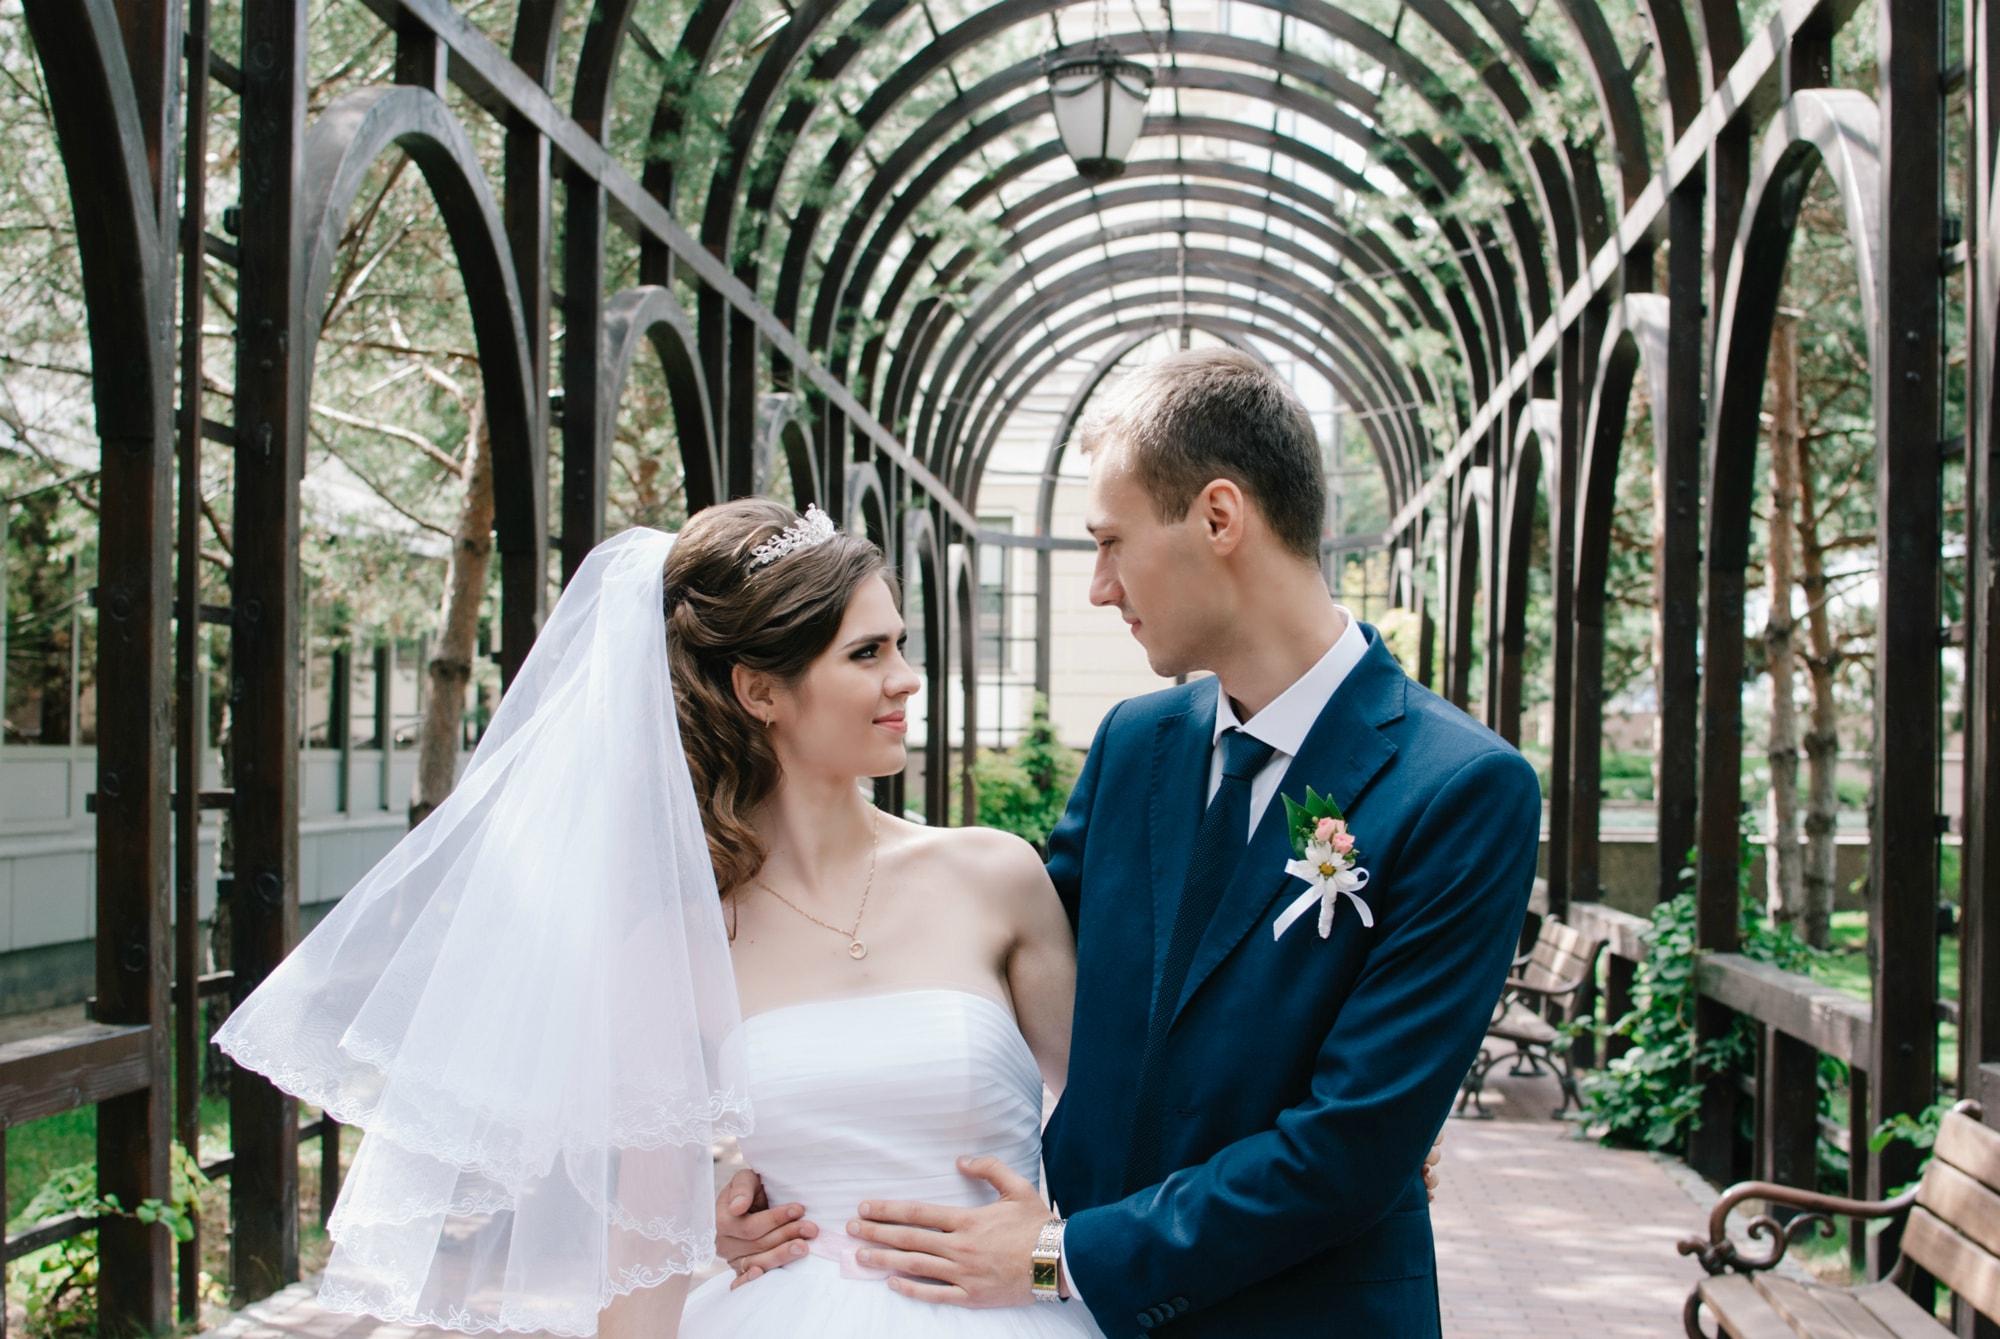 Фотосет для невесты и жениха - Фотограф Киев - Женя Лайт